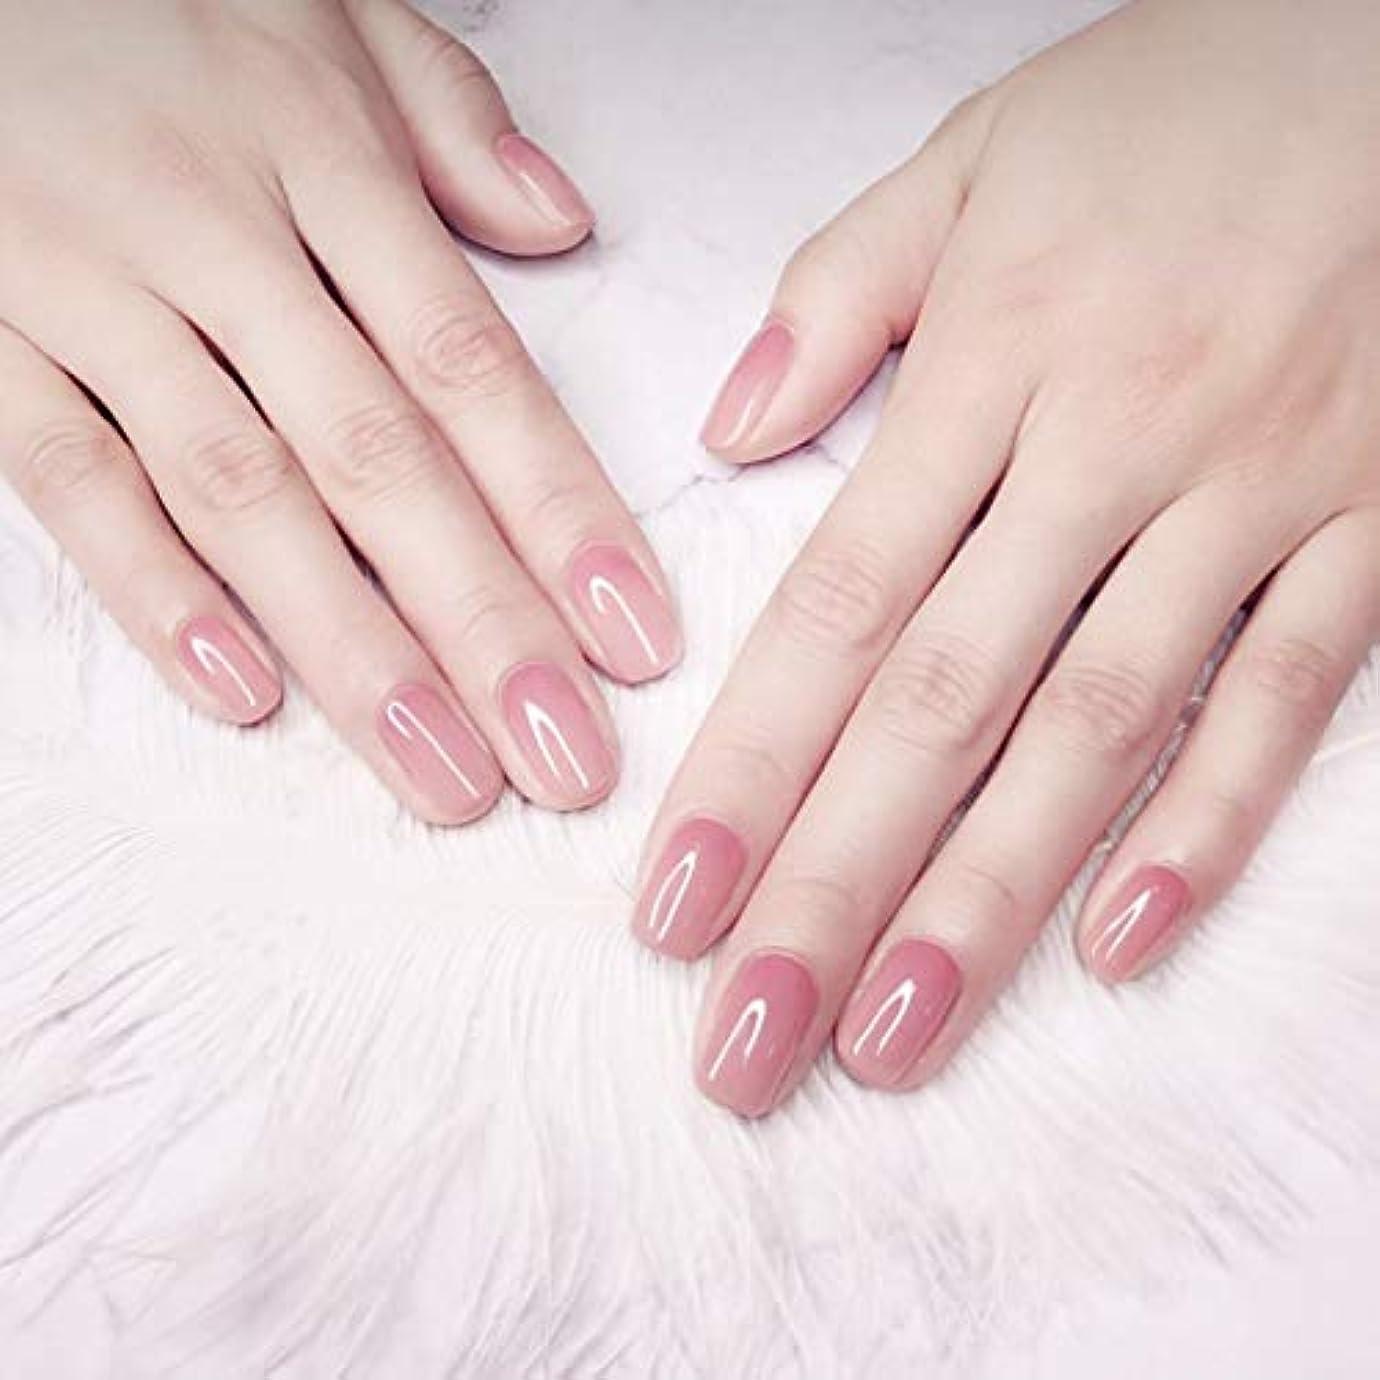 航海のアノイブラウザ24枚純色付け爪 ネイル貼るだけネイルチップ お花嫁付け爪 さくら カラーグラデーション フラットヘッド 平頭爪チップ